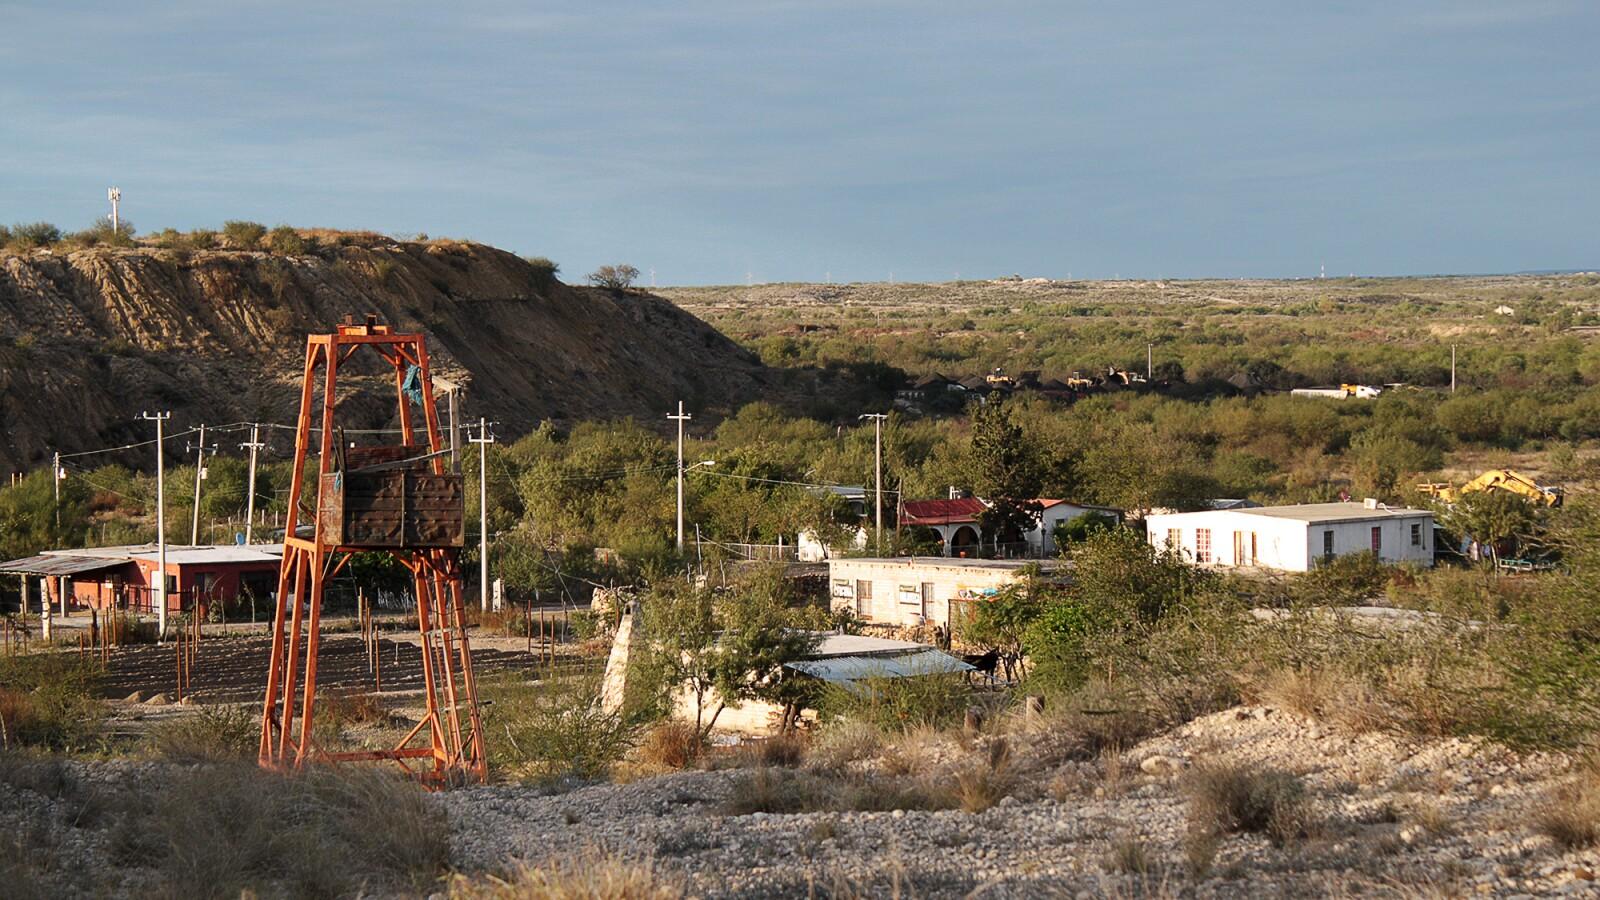 En las concesiones del regidor hay minas a cielo abierto, pocitos y minas que pasan por debajo de las casas.